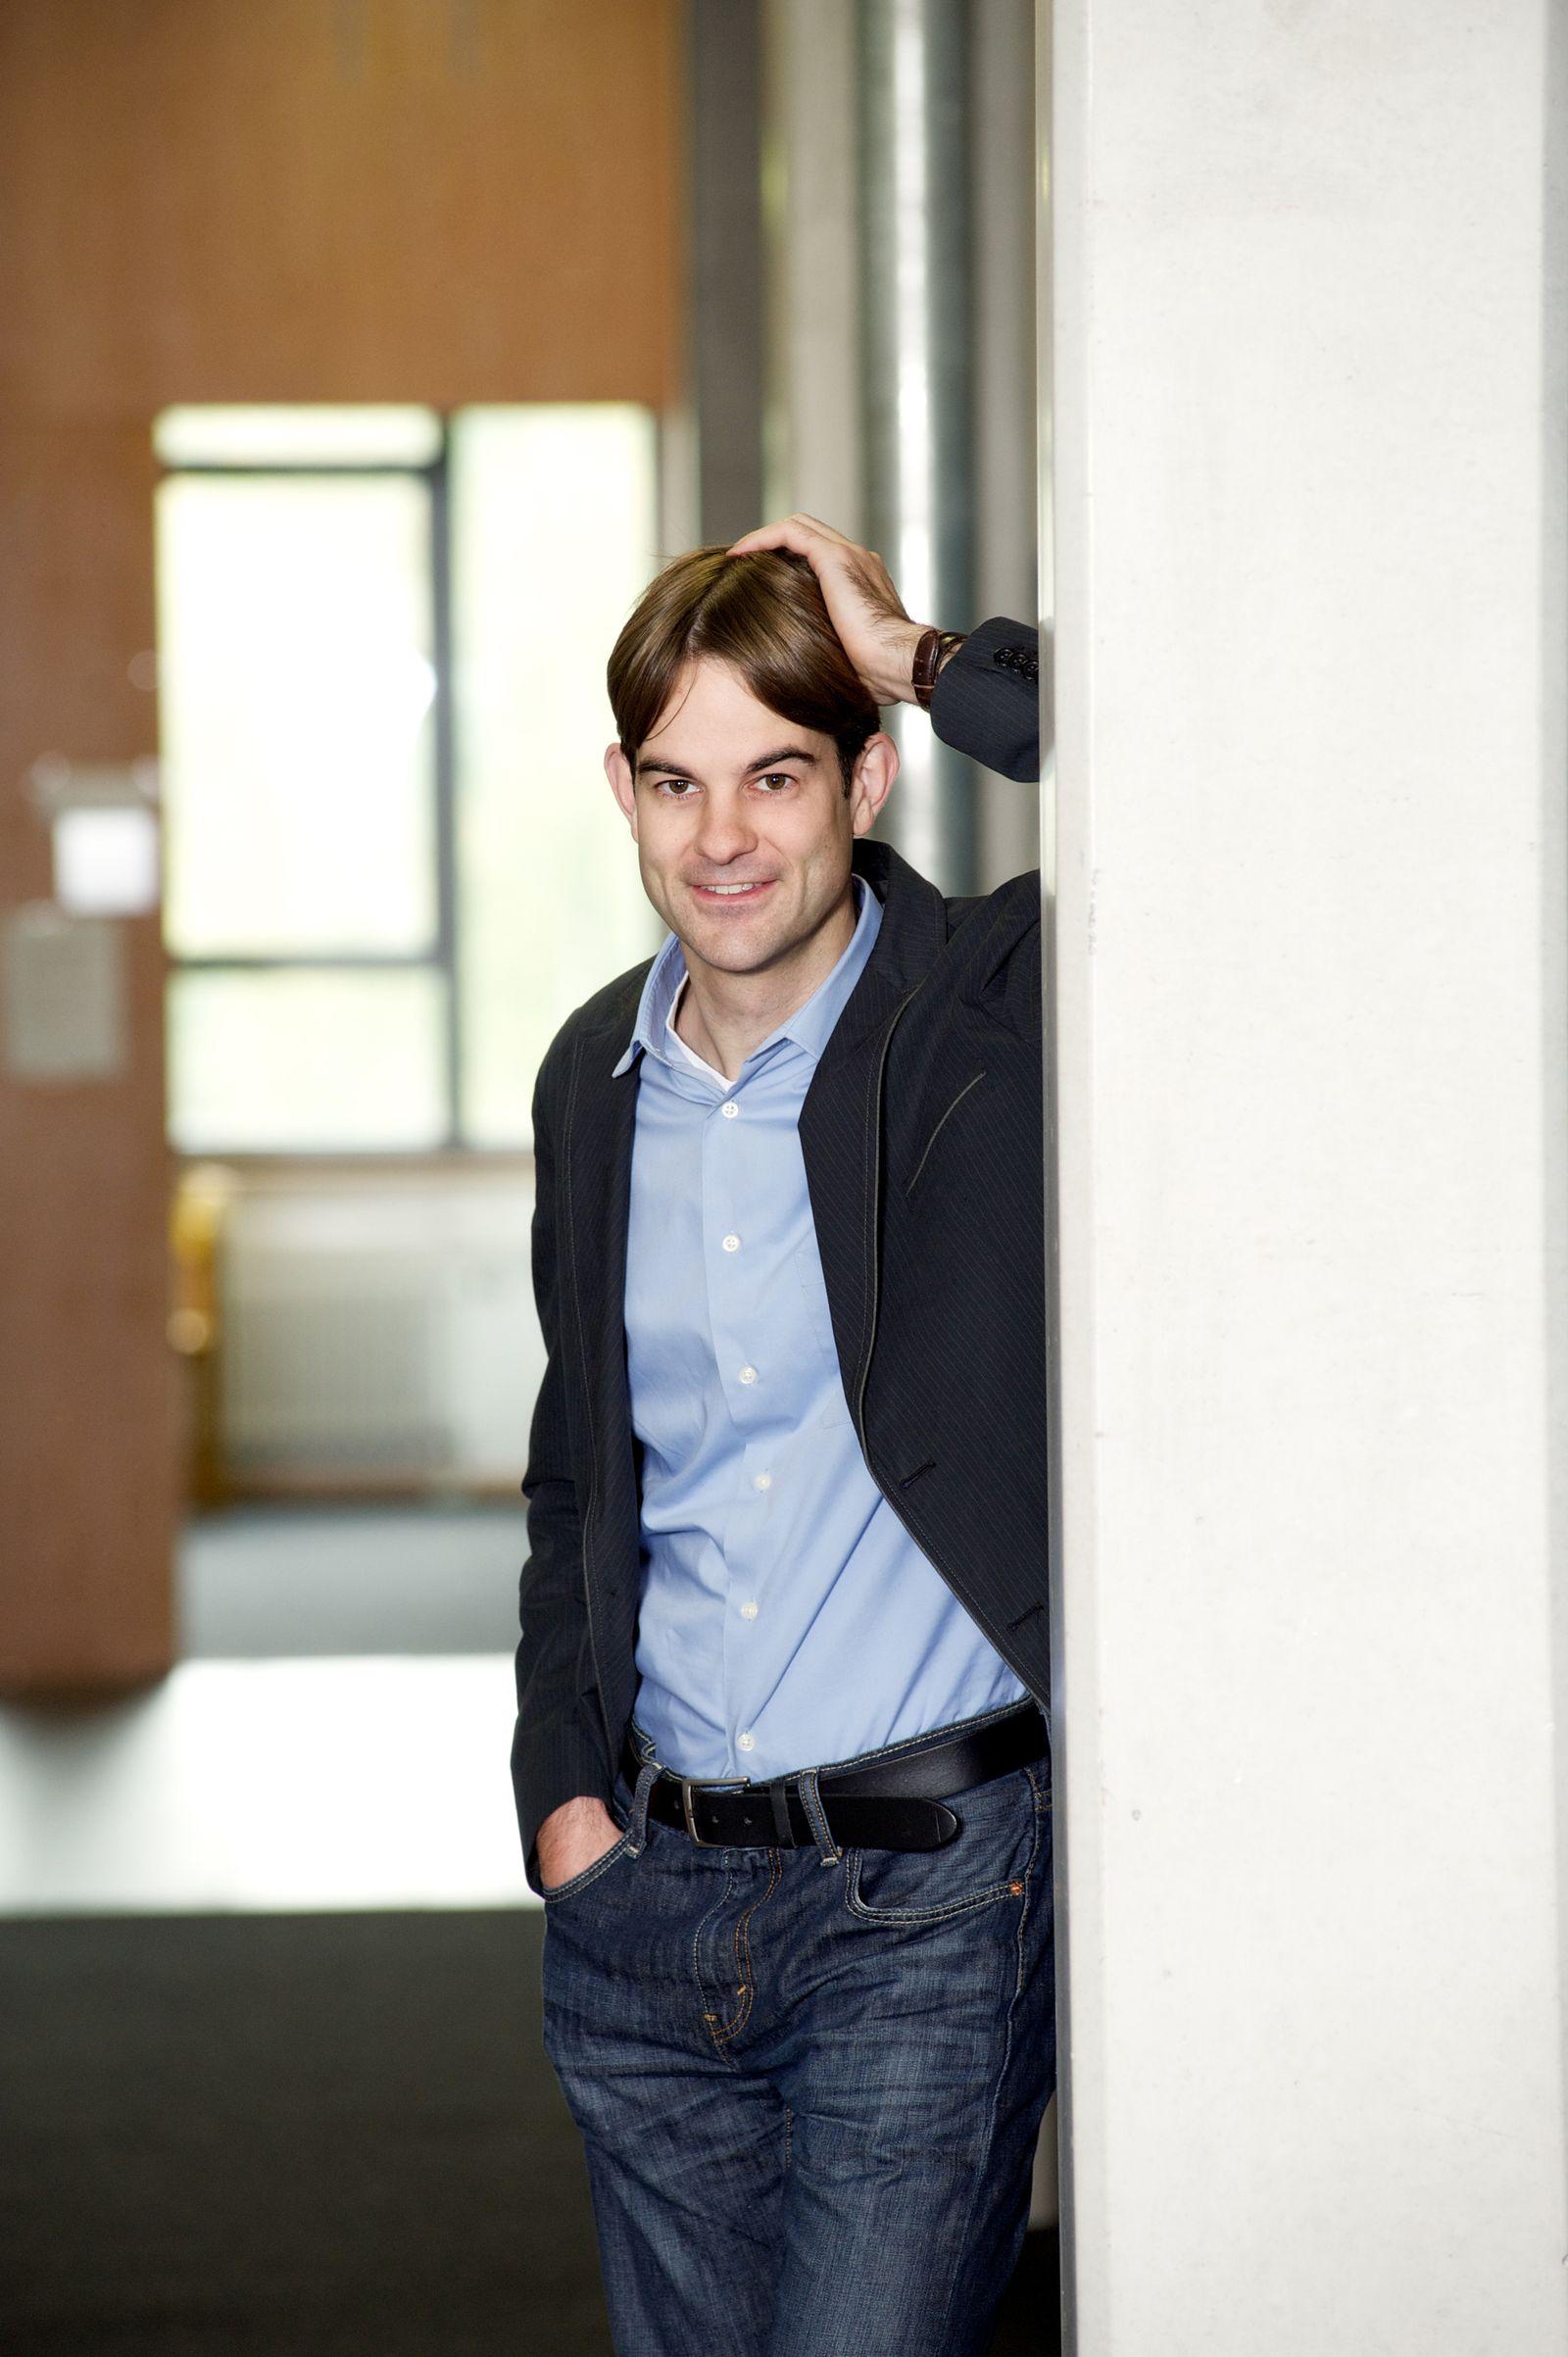 EINMALIGE VERWENDUNG Prof. Nils B. Weidmann